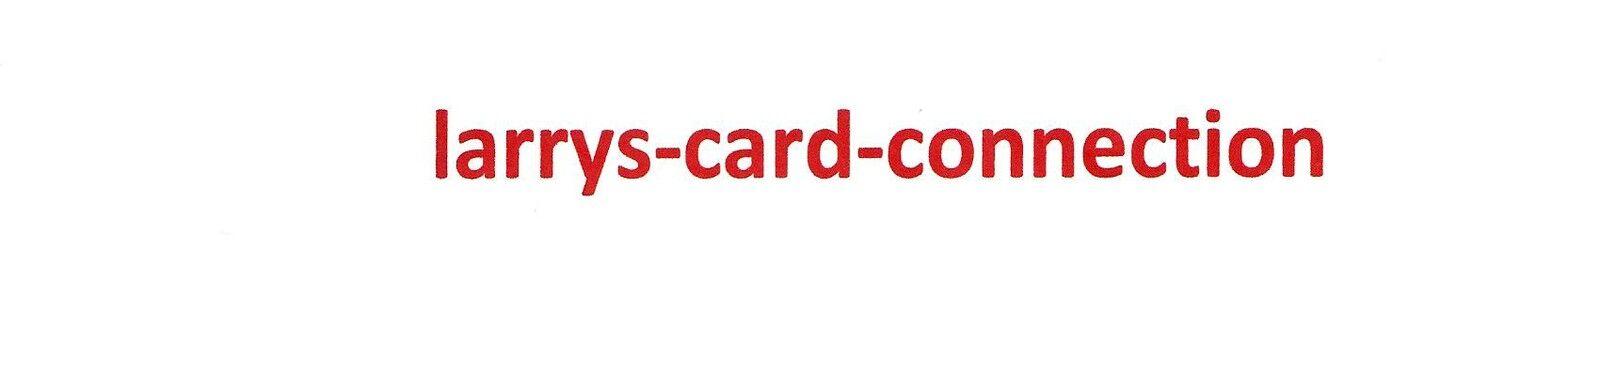 larrys-card-connection